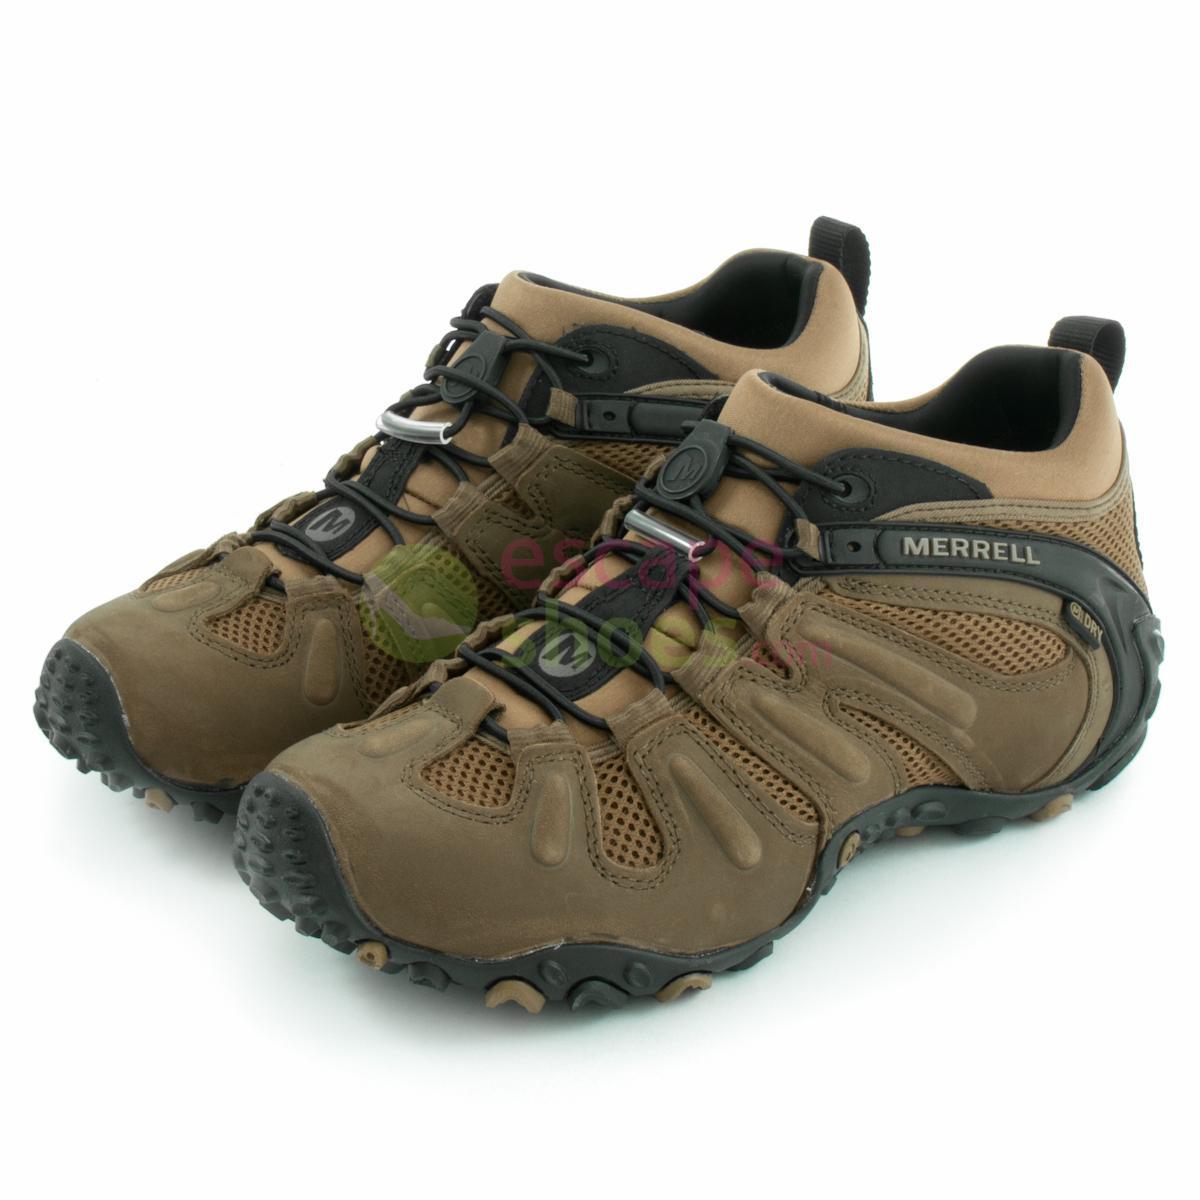 Sneakers MERRELL J21401 Chameleon Prime